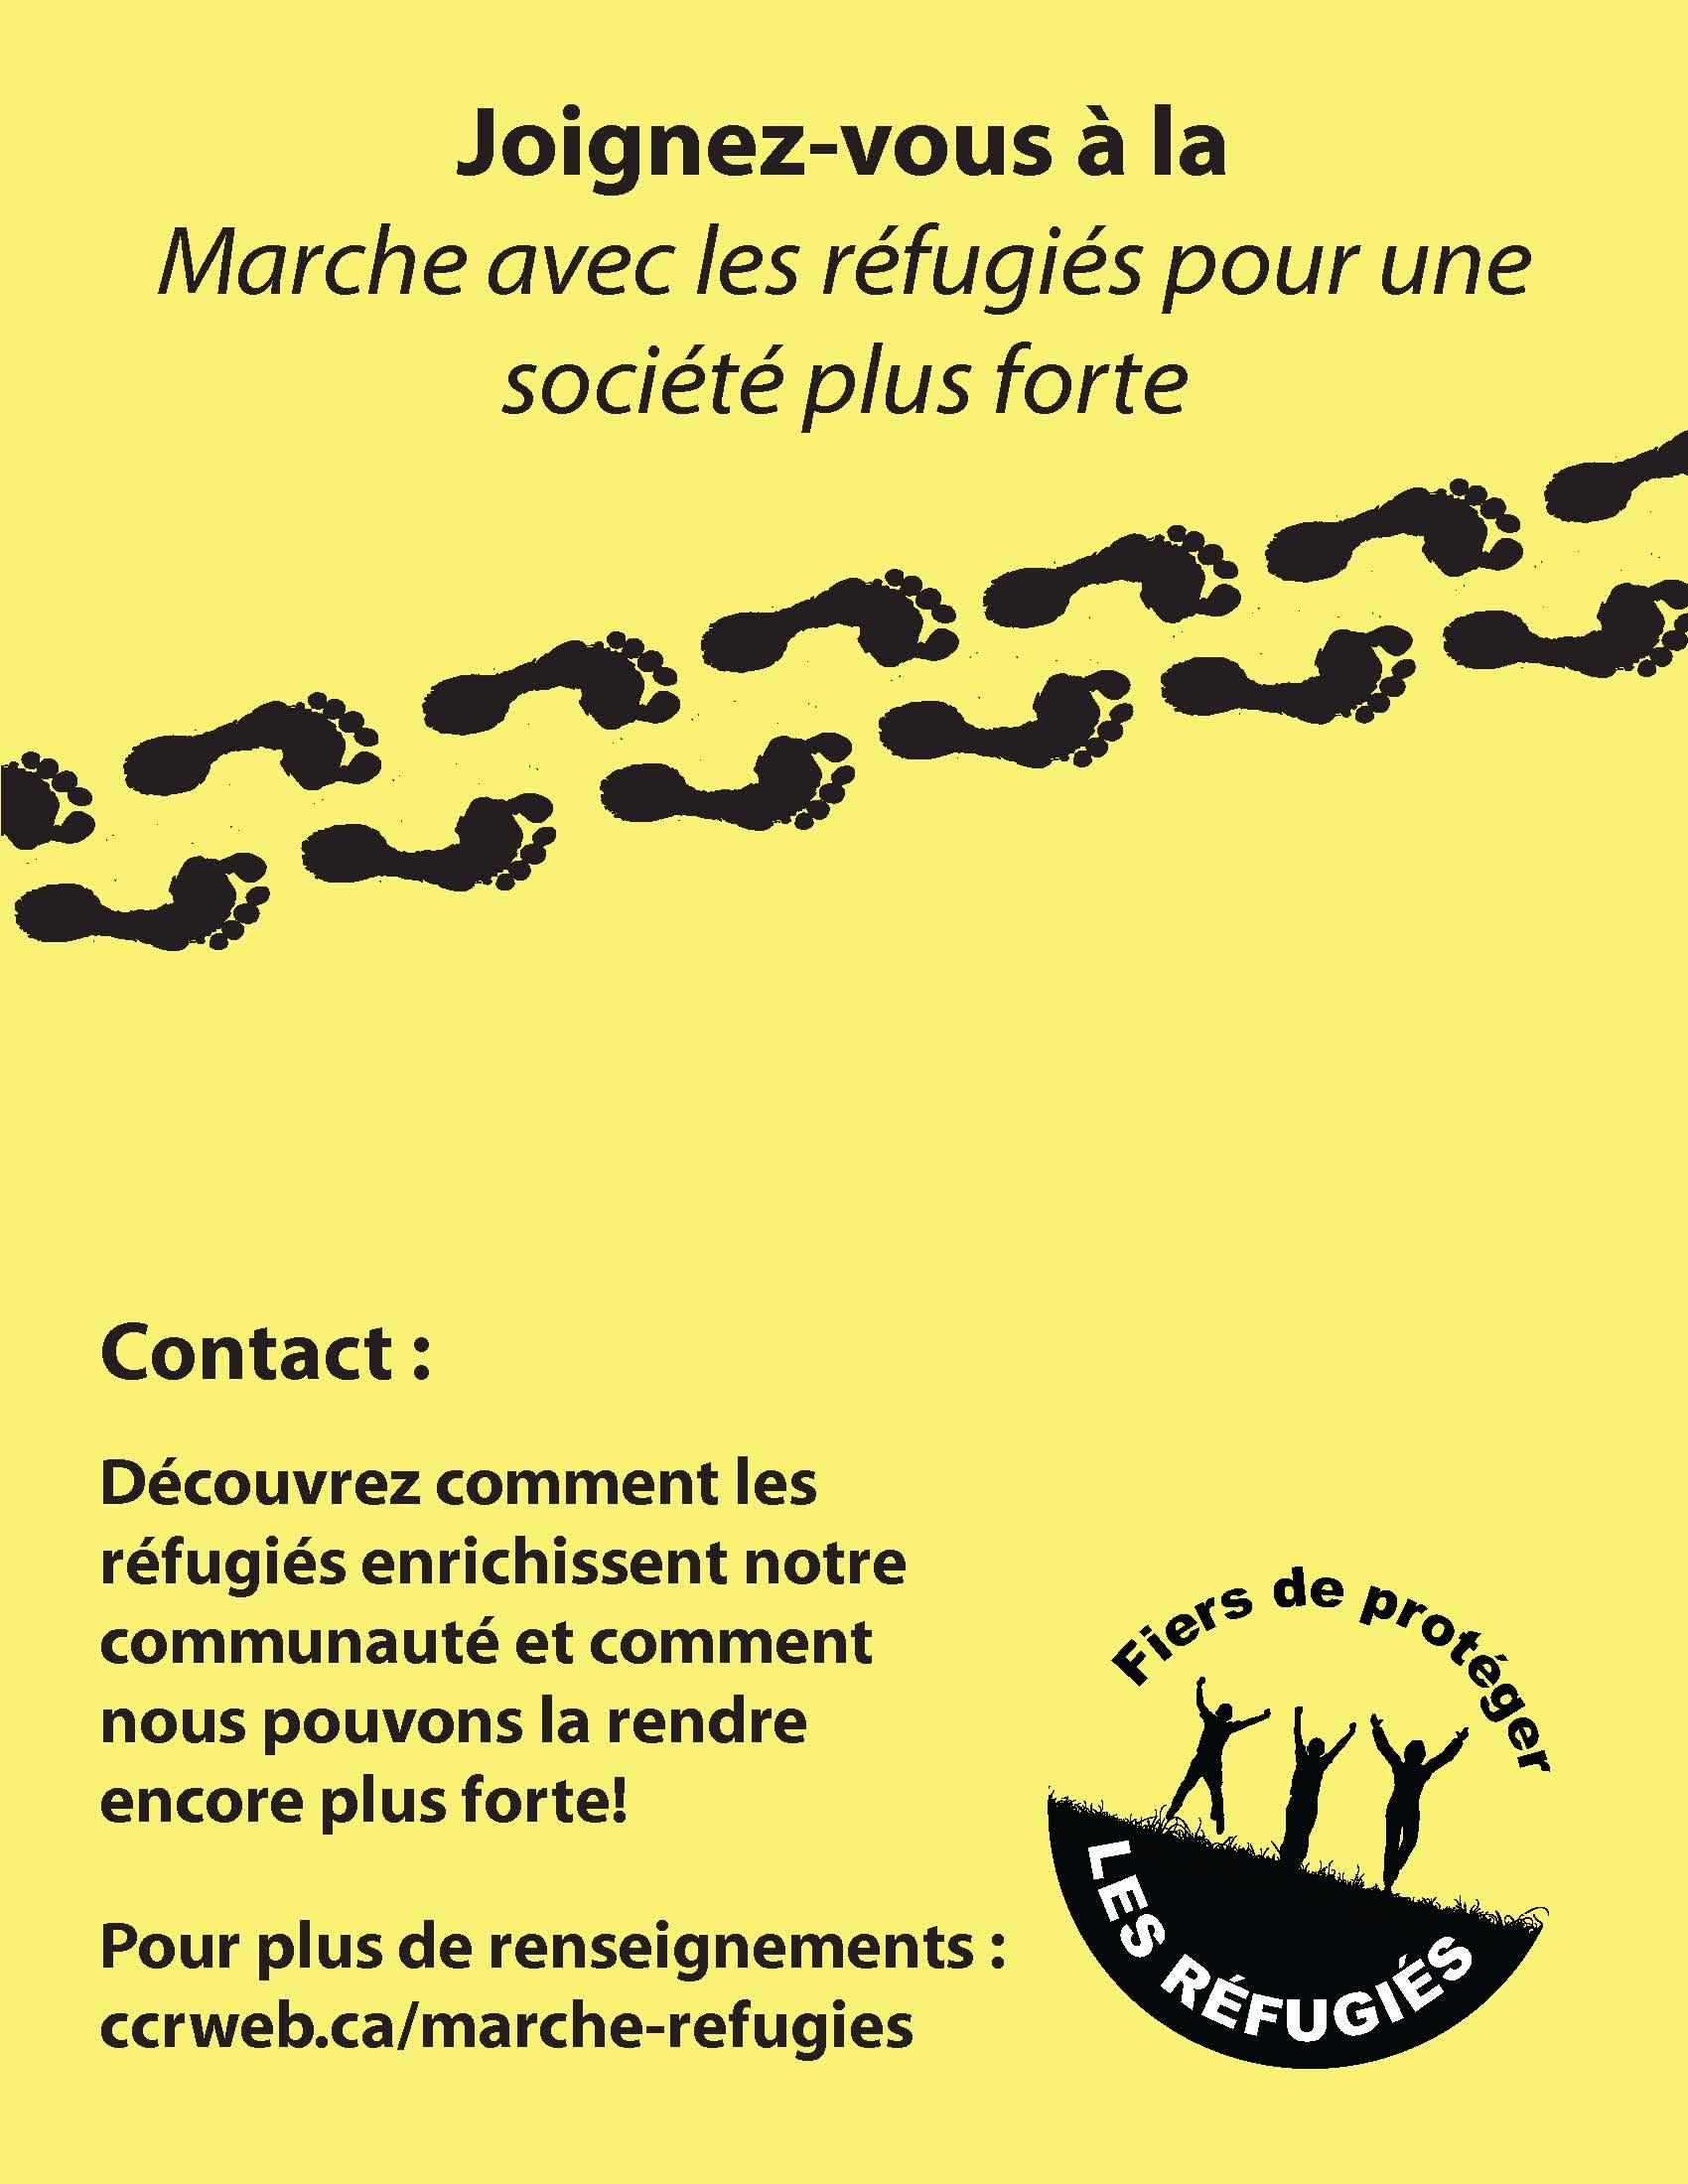 Joignez-vous à la Marche avec les réfugiés pour une société plus forte